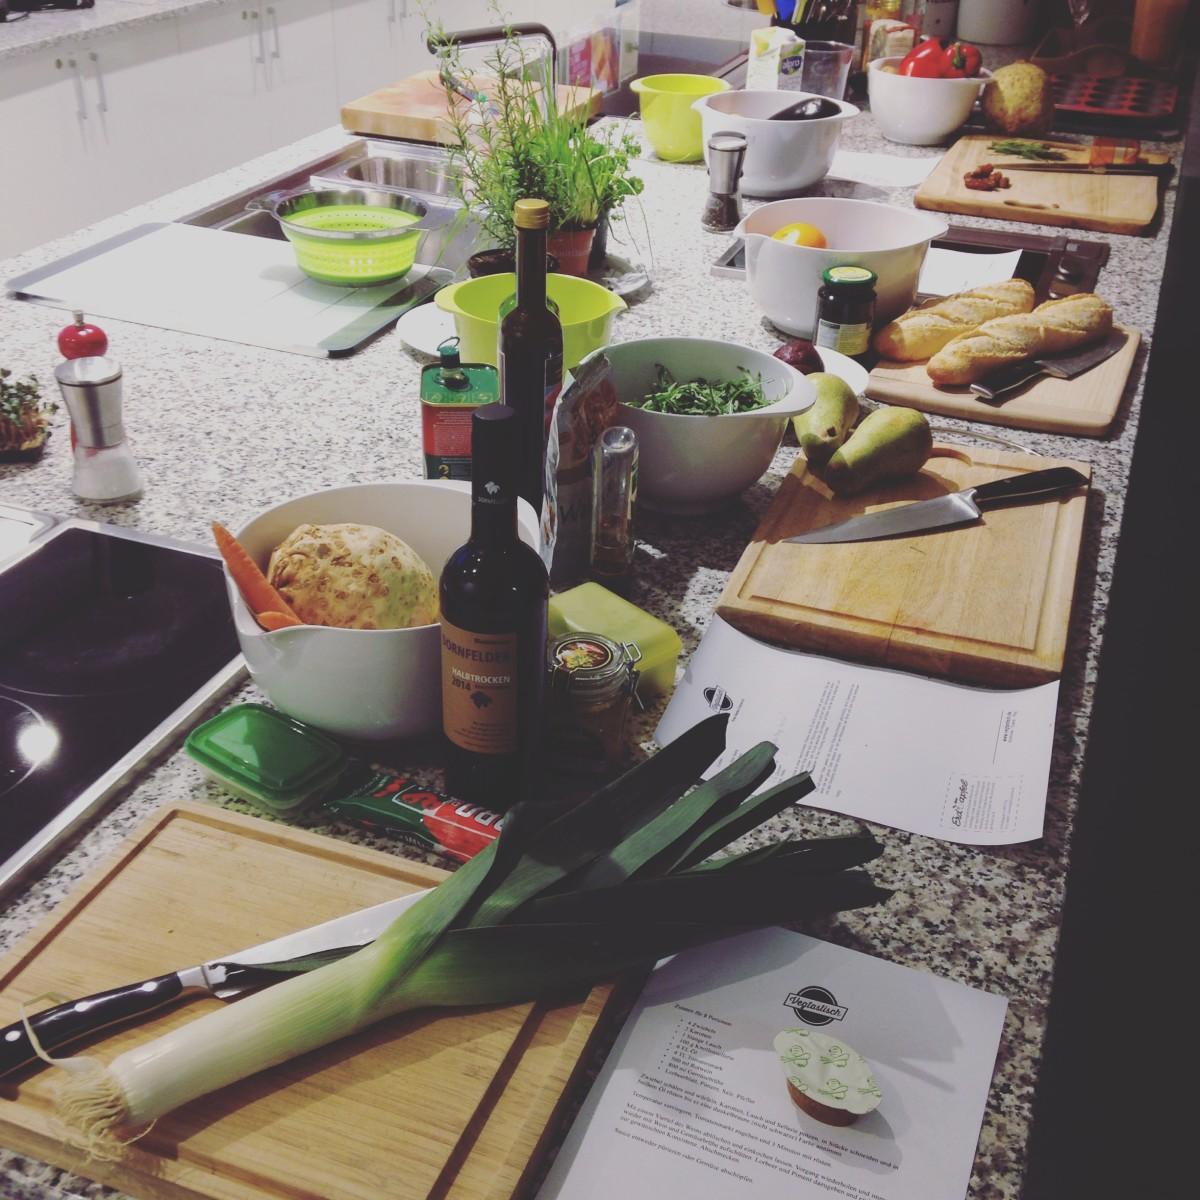 Kochkurs bei ABT TAVOLA in Ulm und warum ich ab und an auch vegetarische Kurse gebe